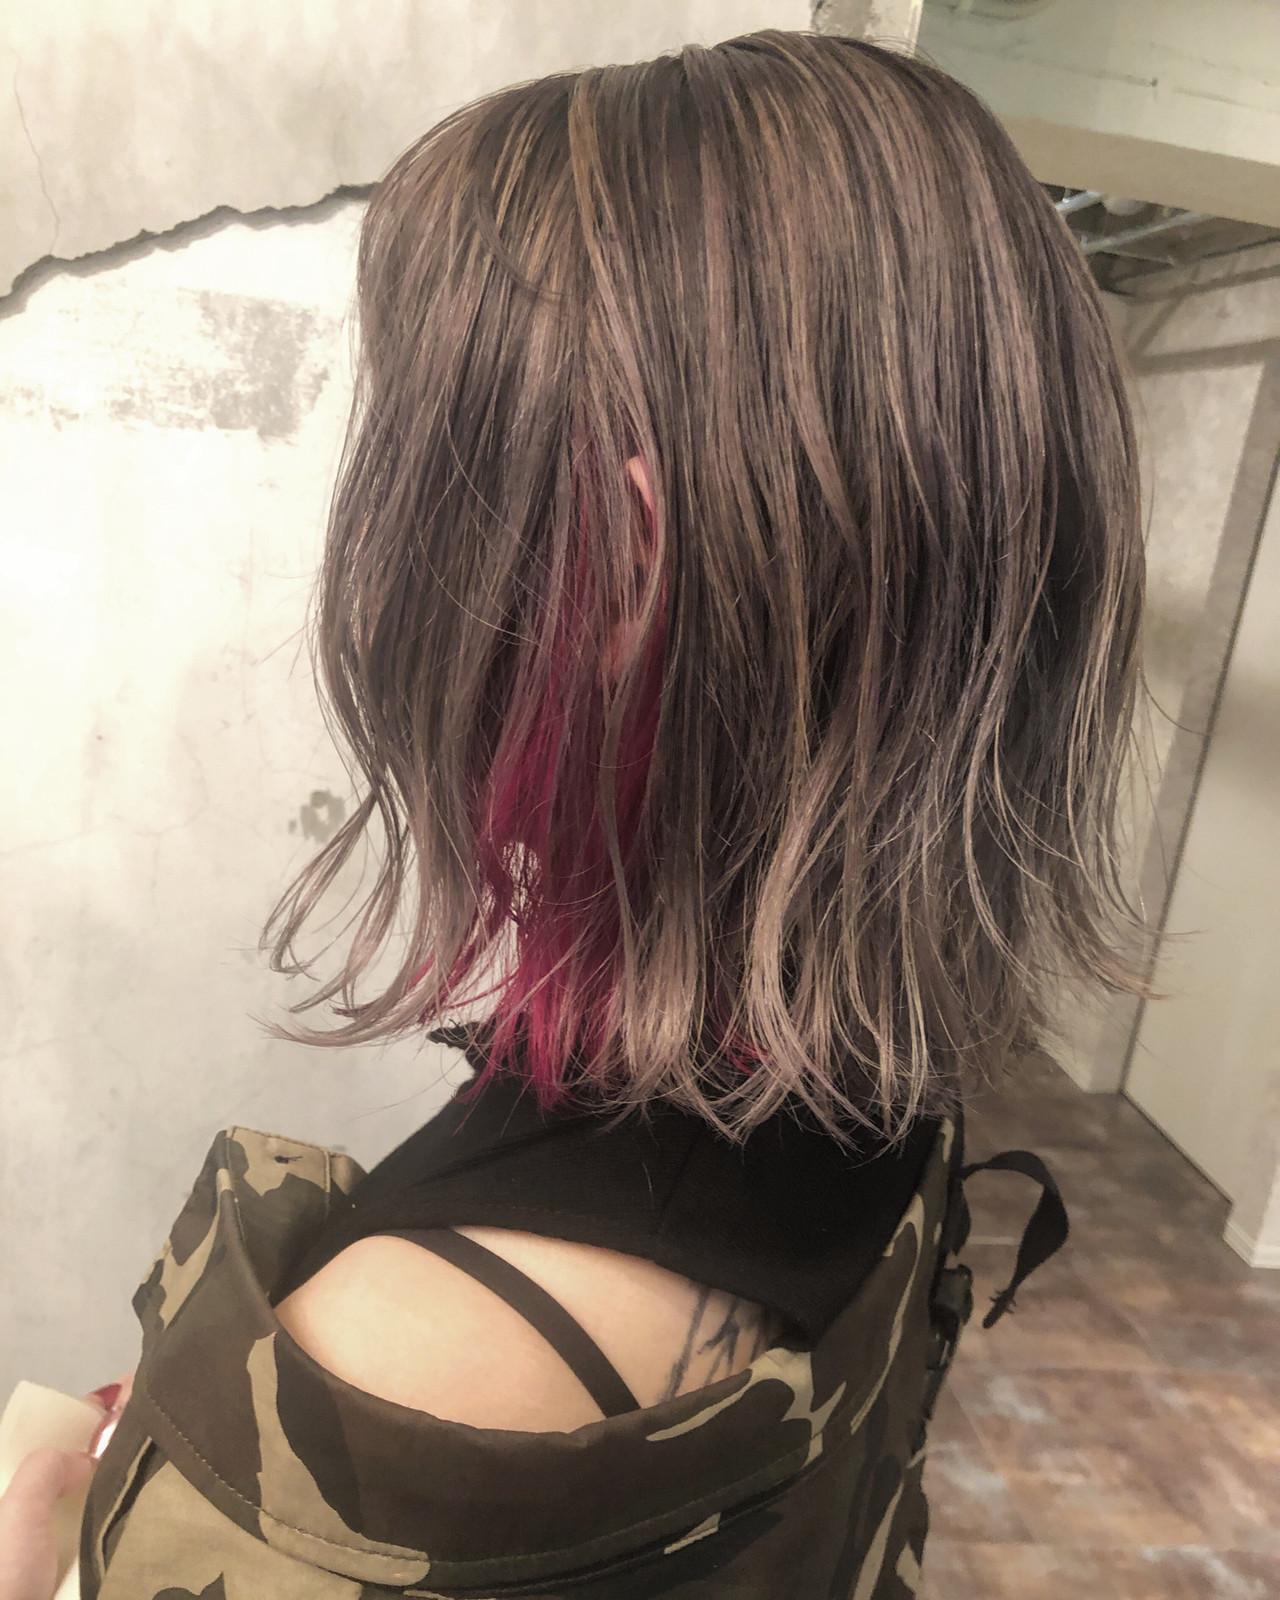 ハイライト ナチュラル ミディアム バレイヤージュ ヘアスタイルや髪型の写真・画像 | 田渕 英和/vicushair / vicushair